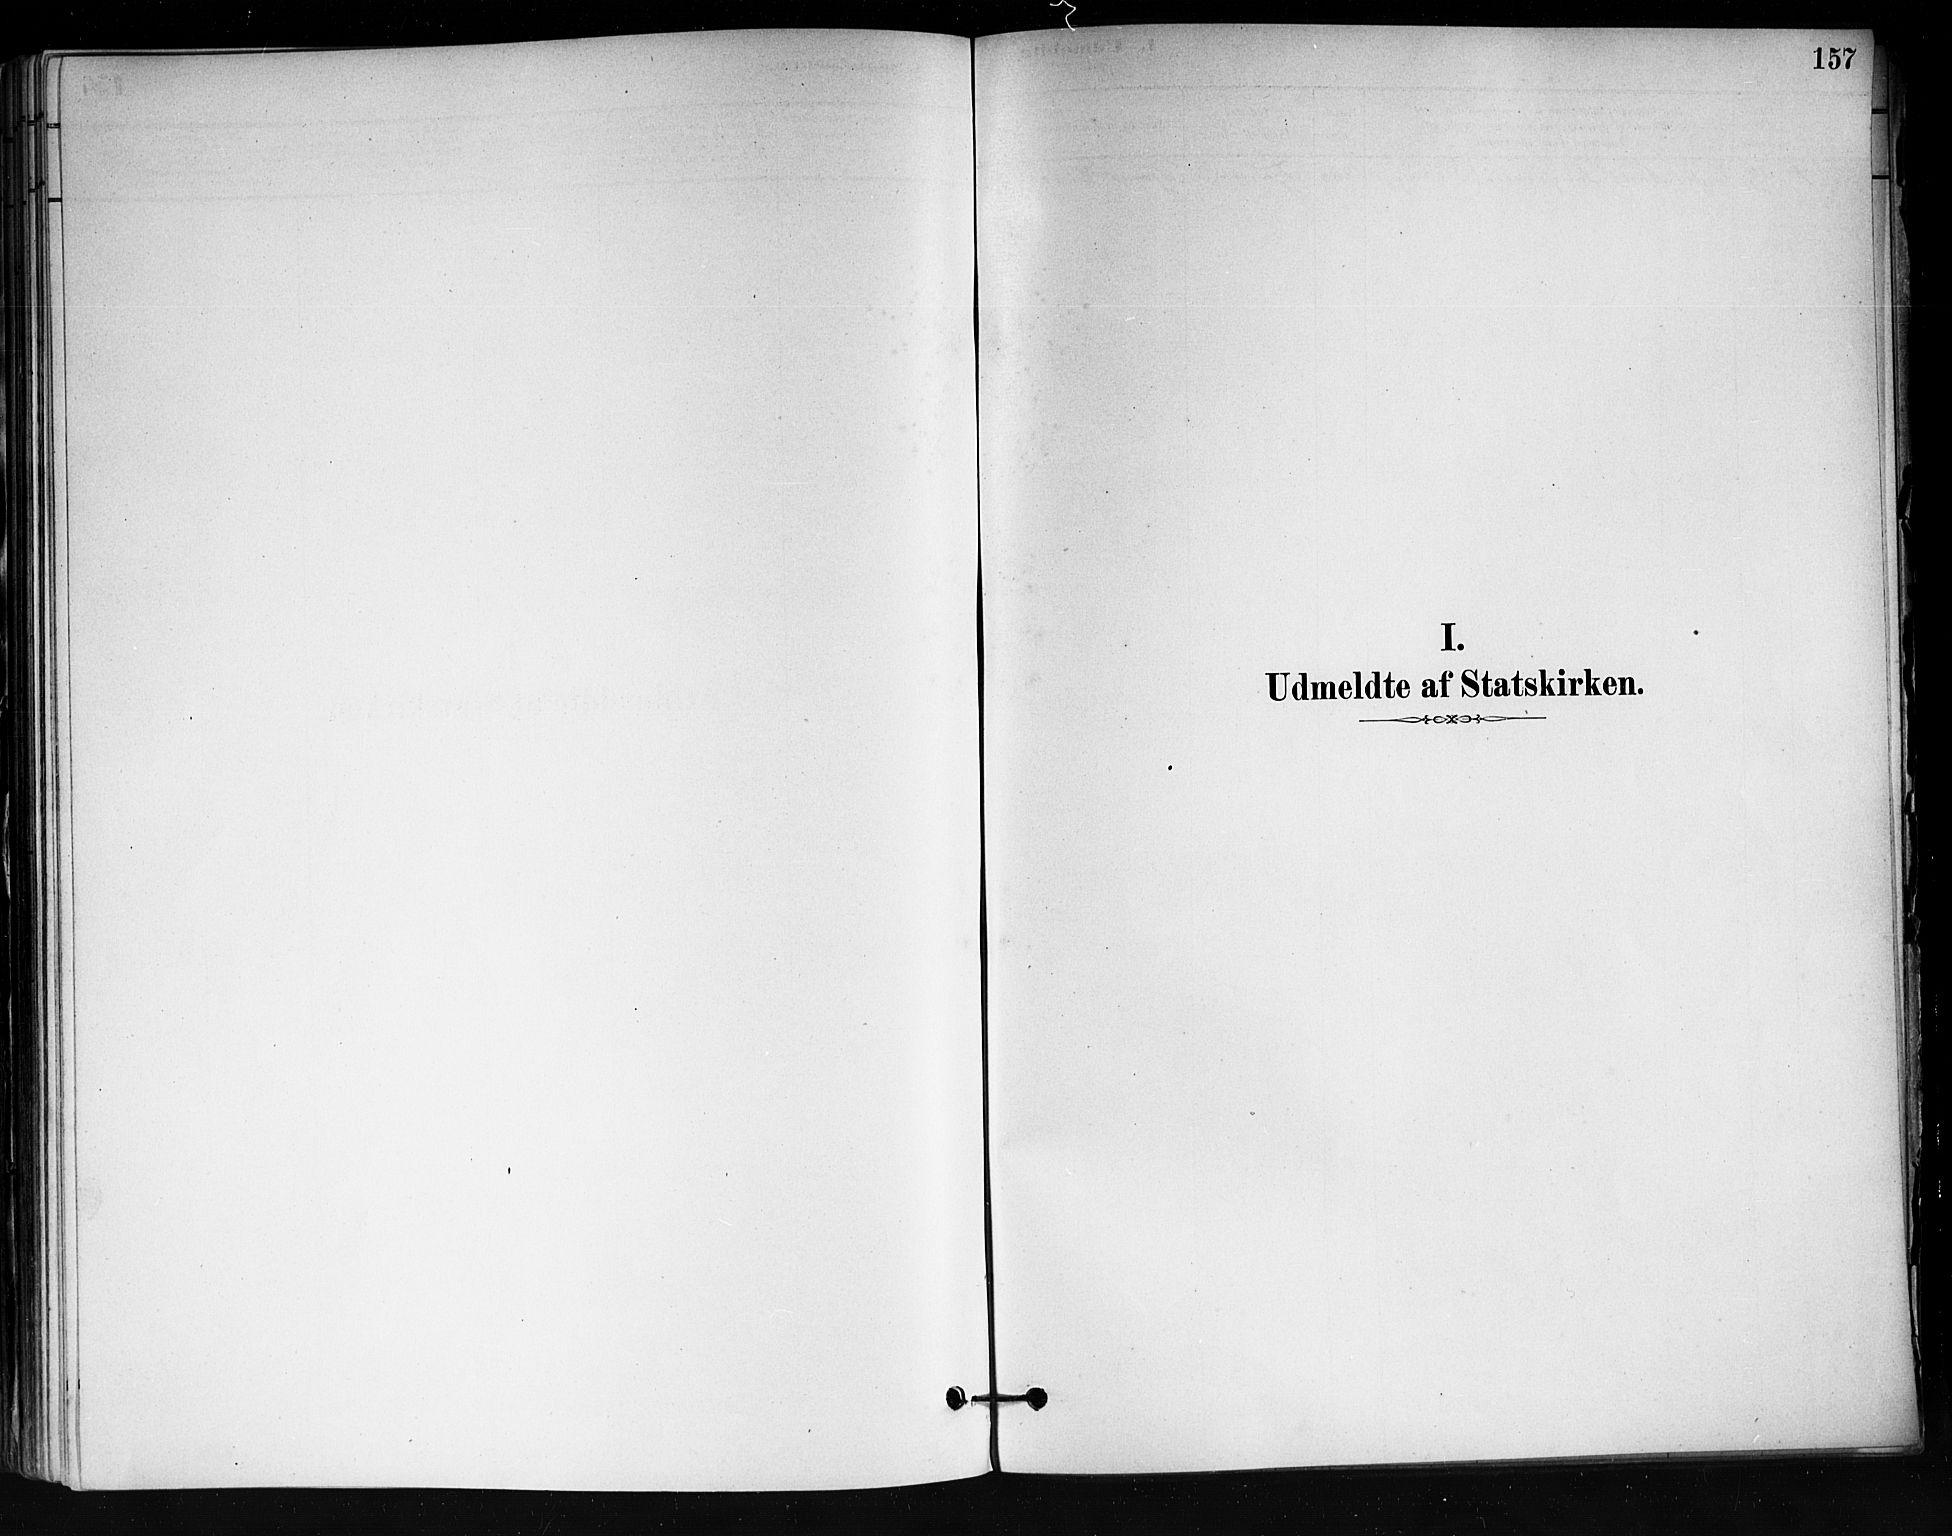 SAKO, Tjøme kirkebøker, F/Fa/L0001: Ministerialbok nr. 1, 1879-1890, s. 157